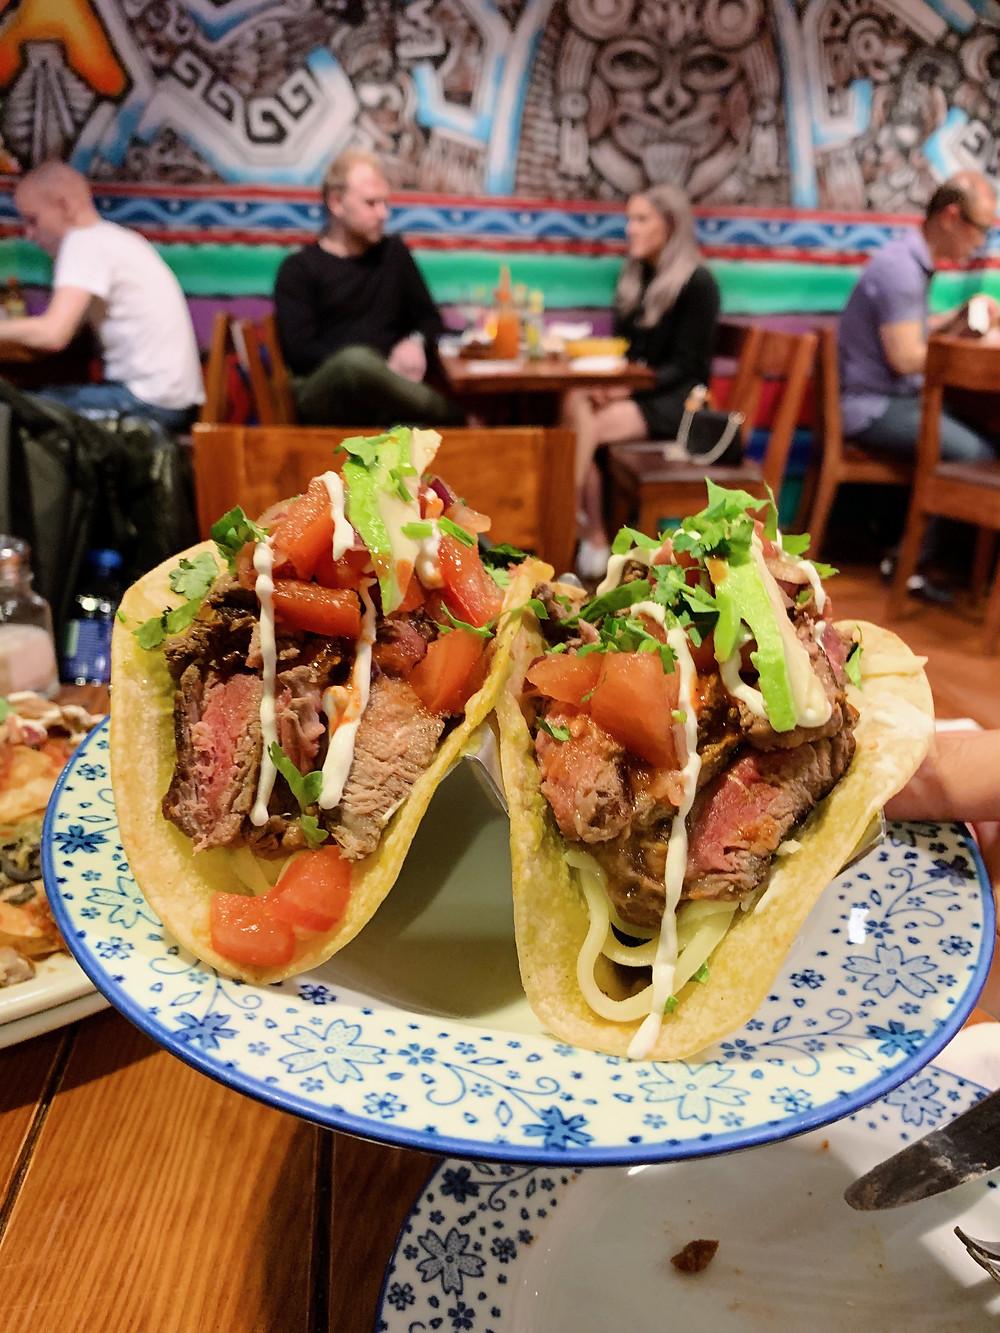 Food at Xoco Mexican restaurant in Hong Kong